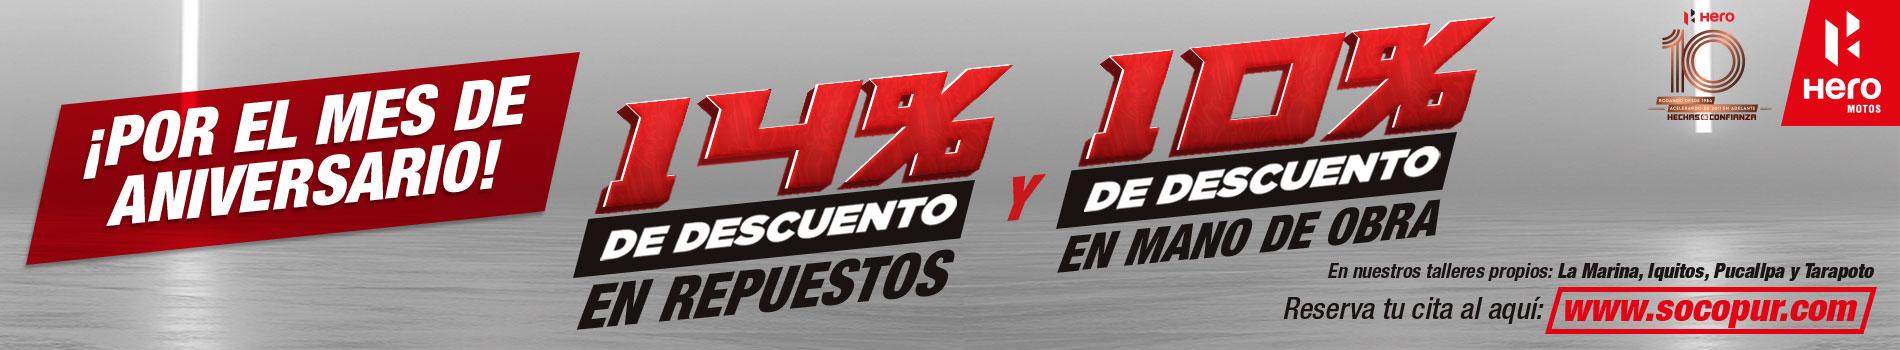 Socopur Motorsports - CAMPAÑA ANIVERSARIO HERO MOTOS 1